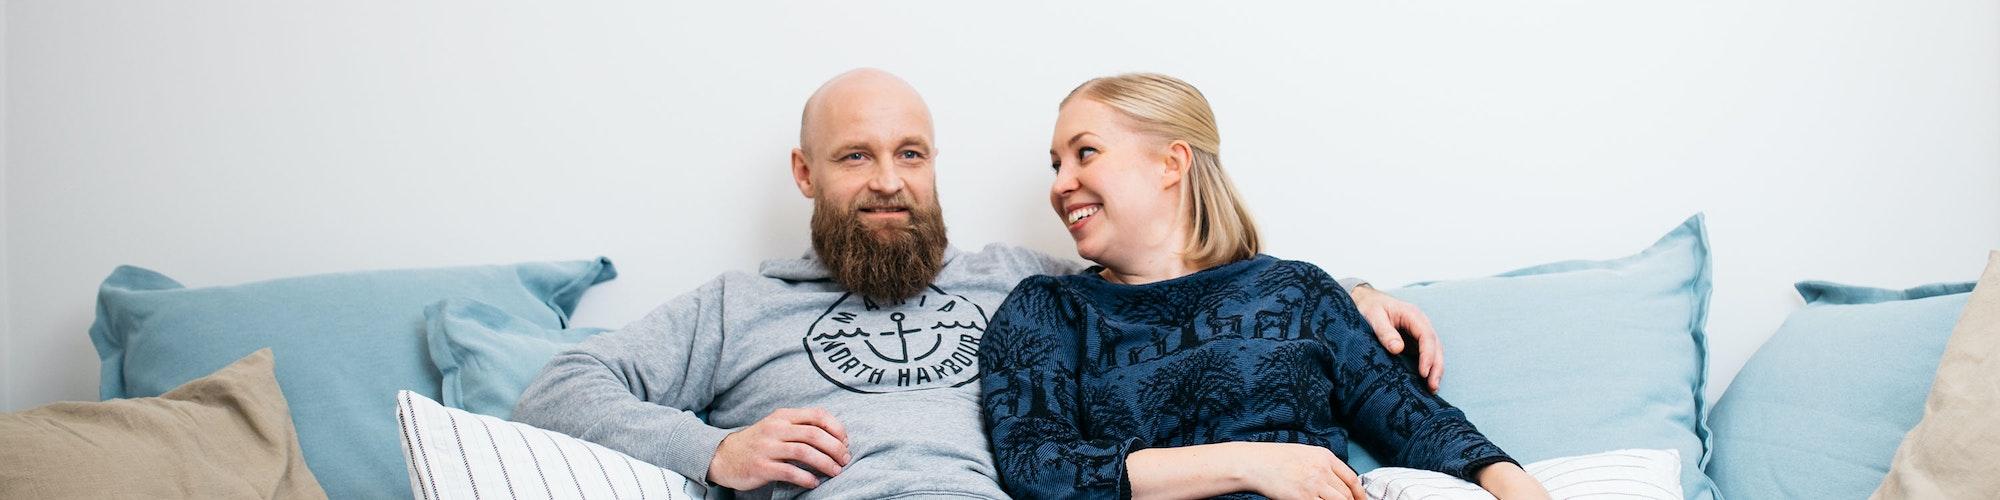 Perheen isä ja äiti rinnakkain vuokra-asunnon sohvalla